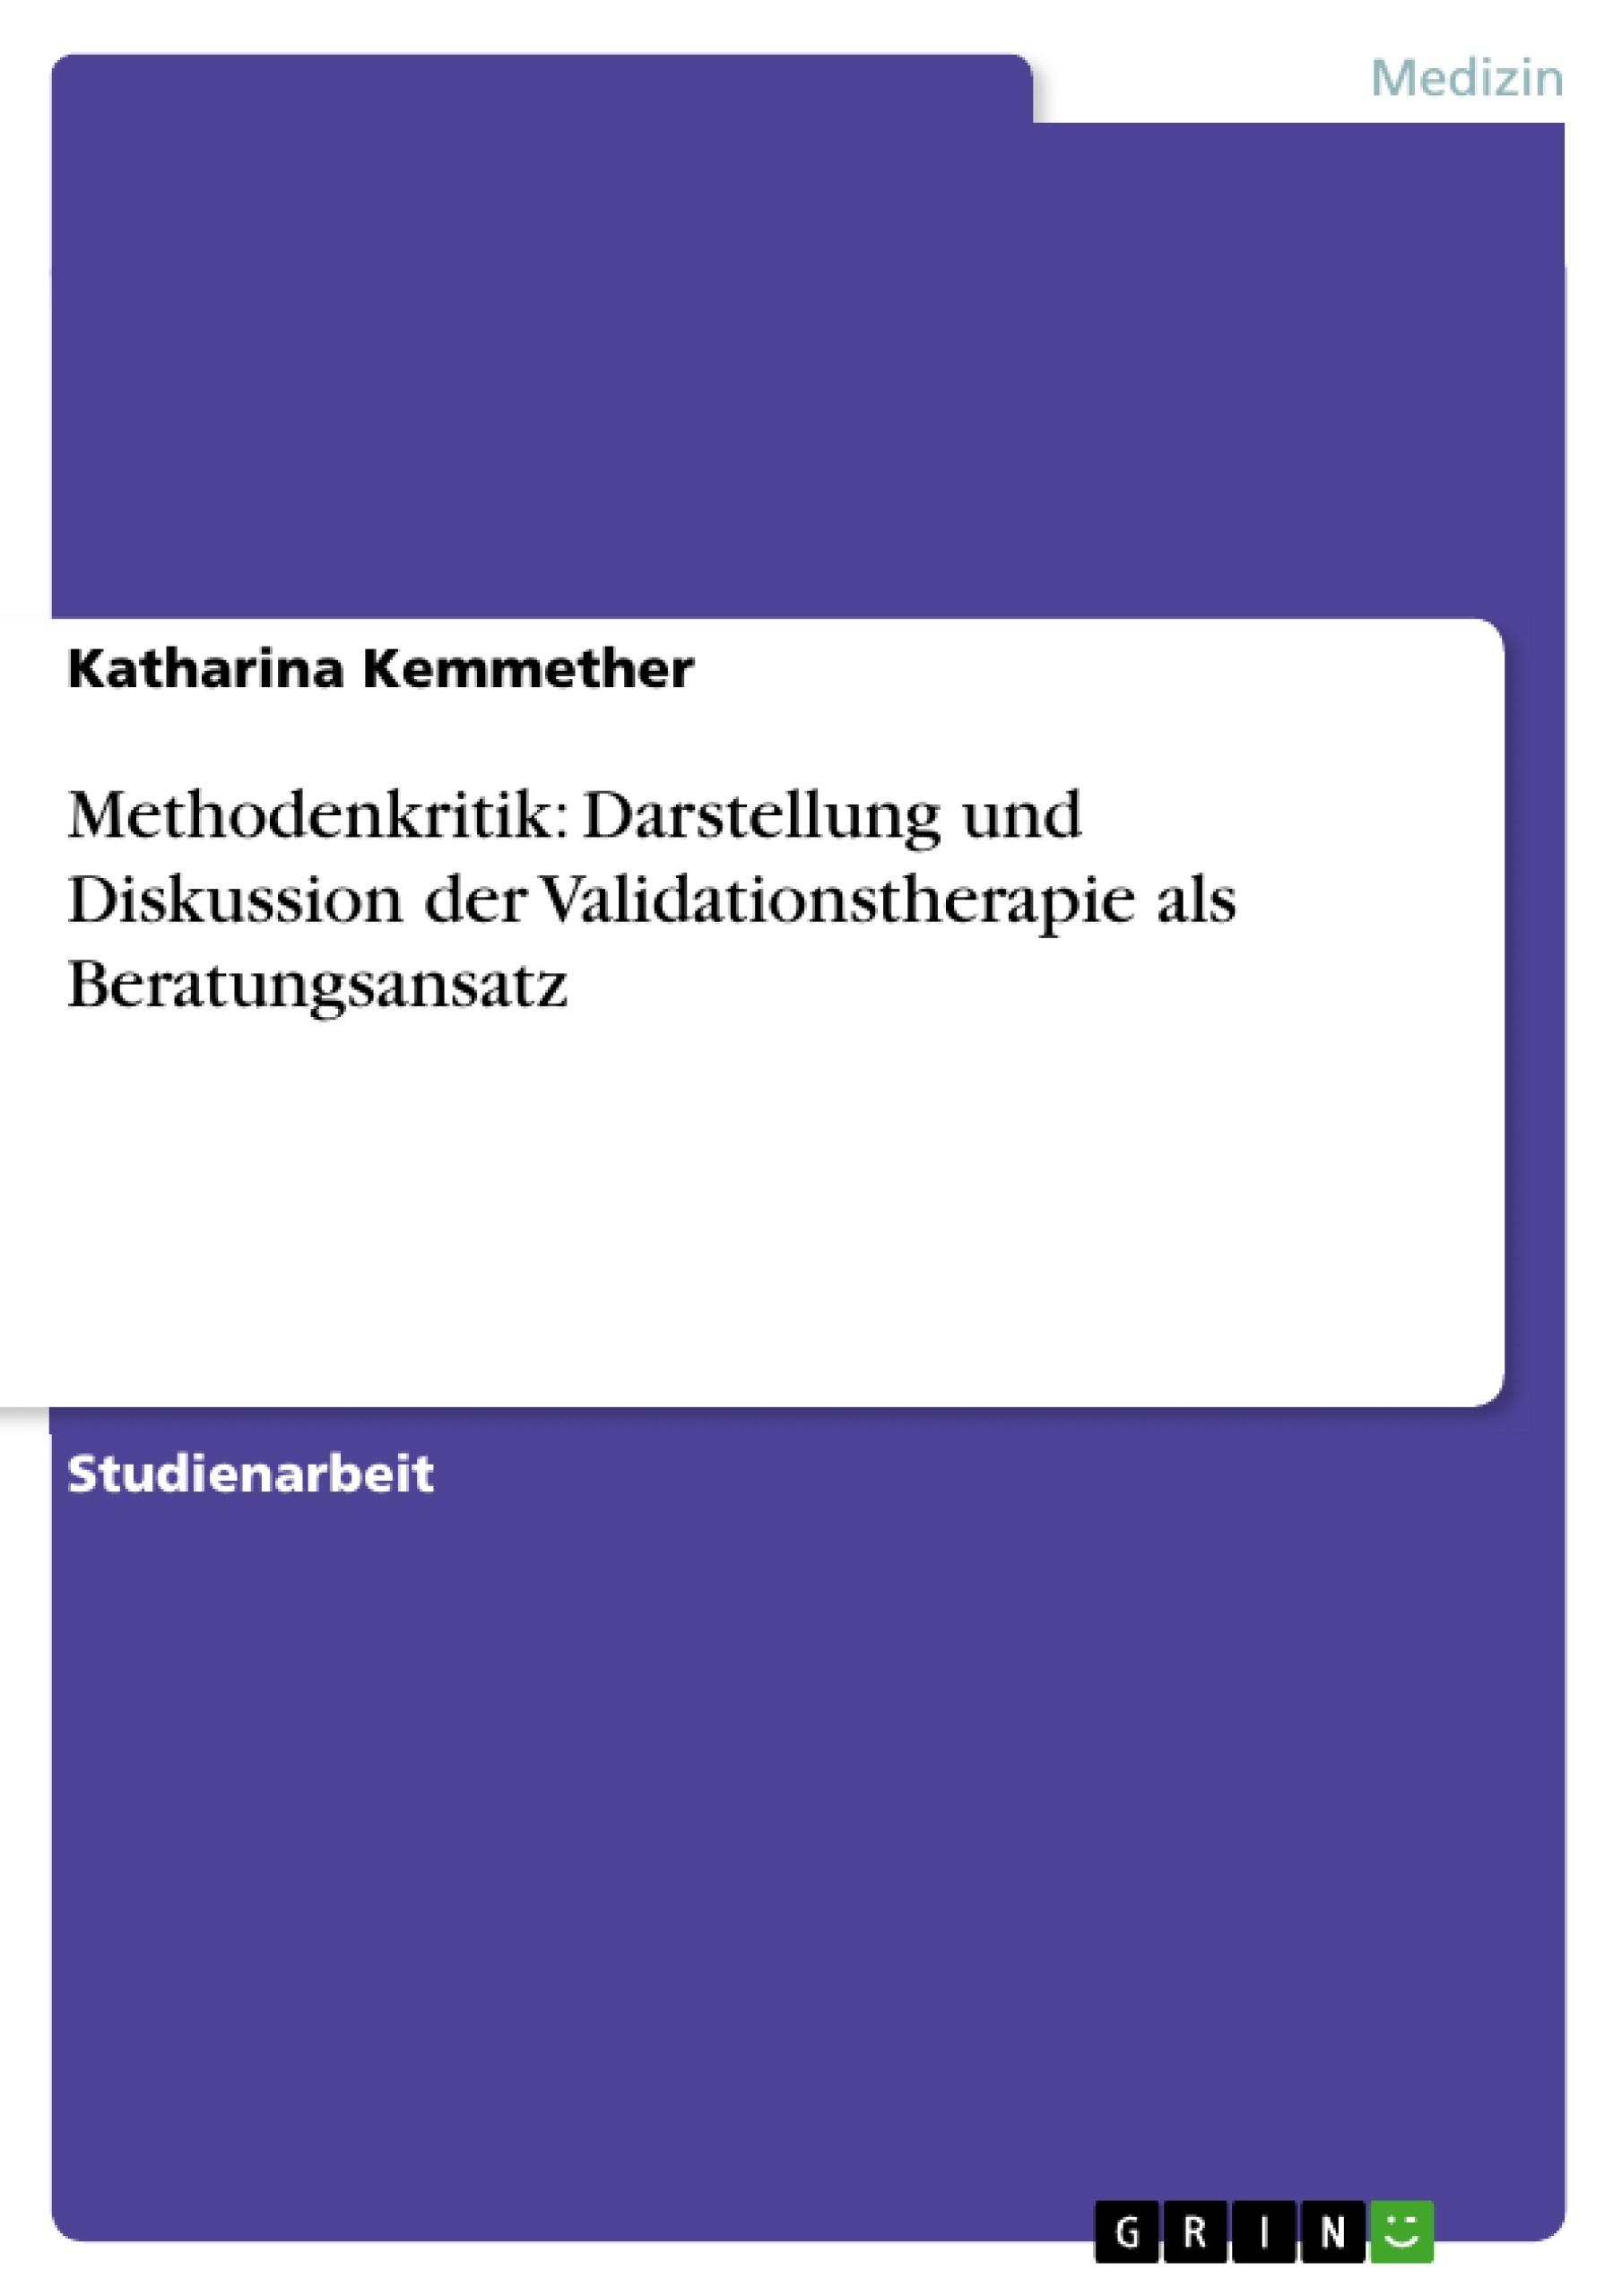 Titel: Methodenkritik: Darstellung und Diskussion der Validationstherapie als Beratungsansatz